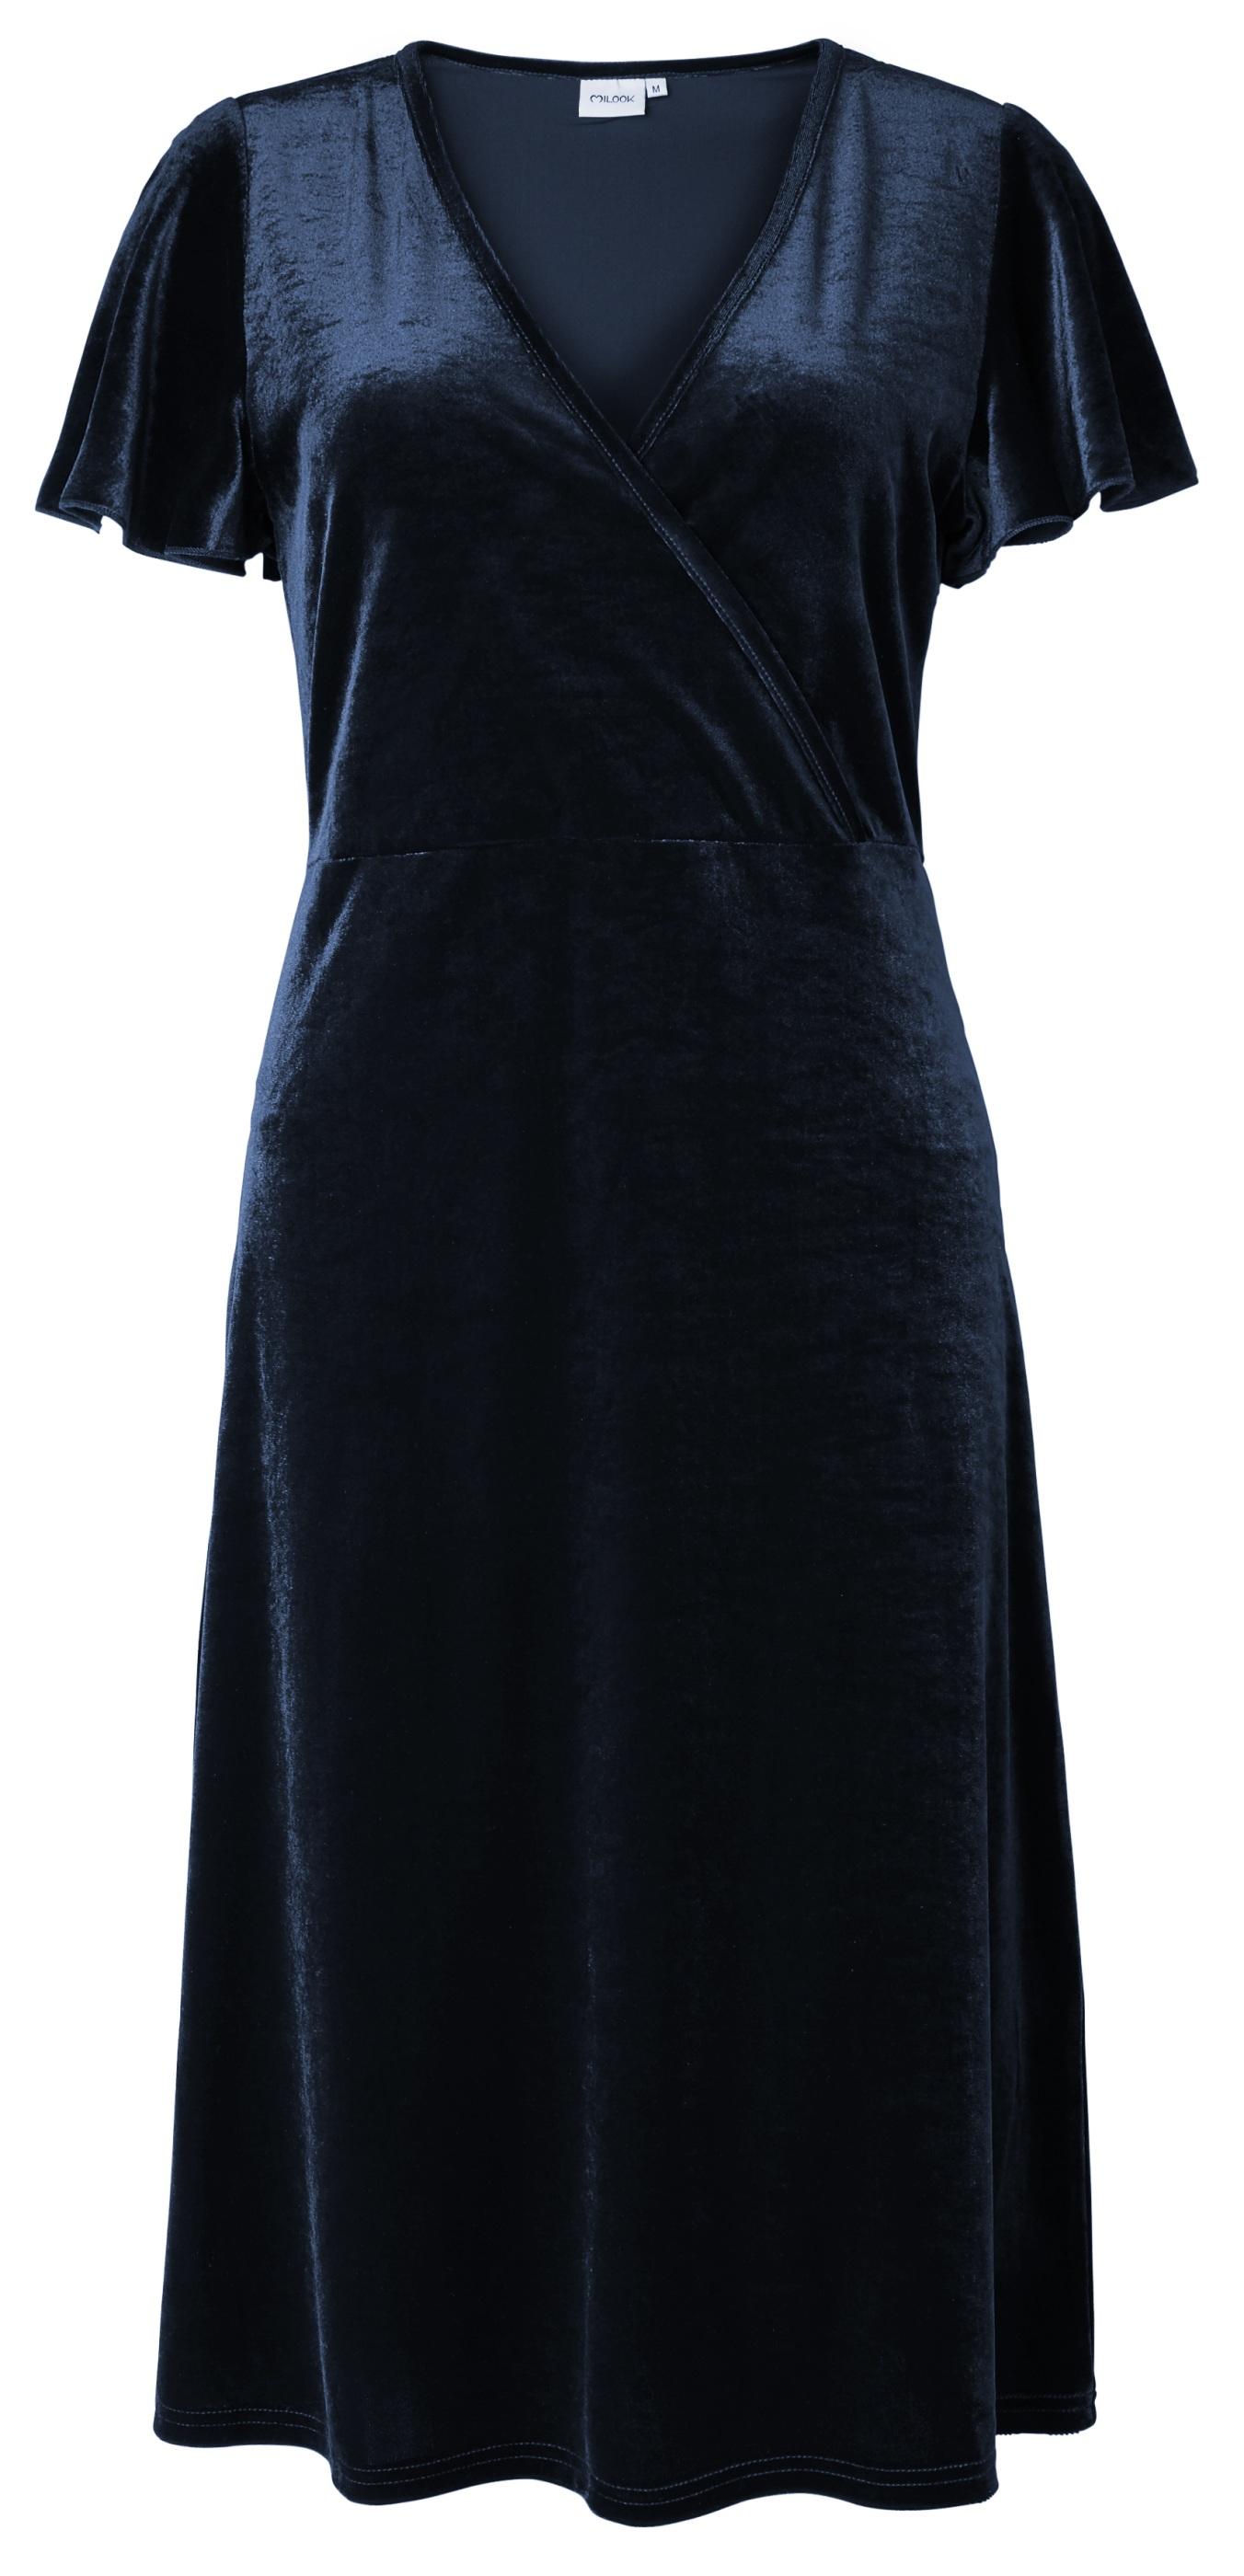 Sofia_dress_navy_F